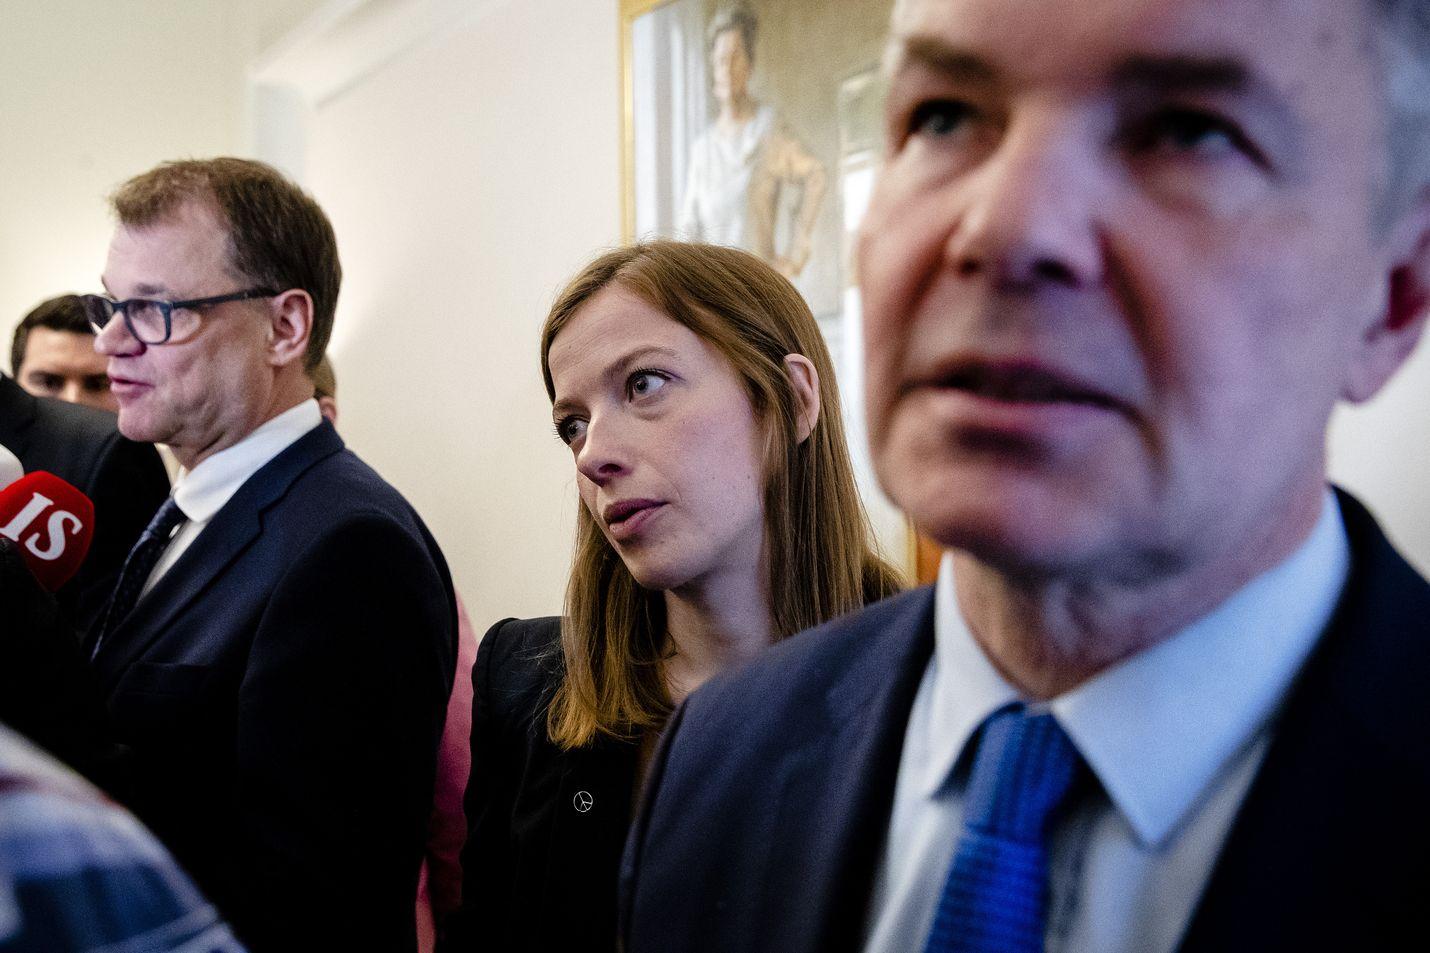 Li Andersson ja Pekka Haavisto haluavat EU:n nostavan ilmastonmuutoksen torjunnan politiikan painopisteeksi. Juha Sipilä oli Ylen tentissä maanantaina. Arkistokuva.